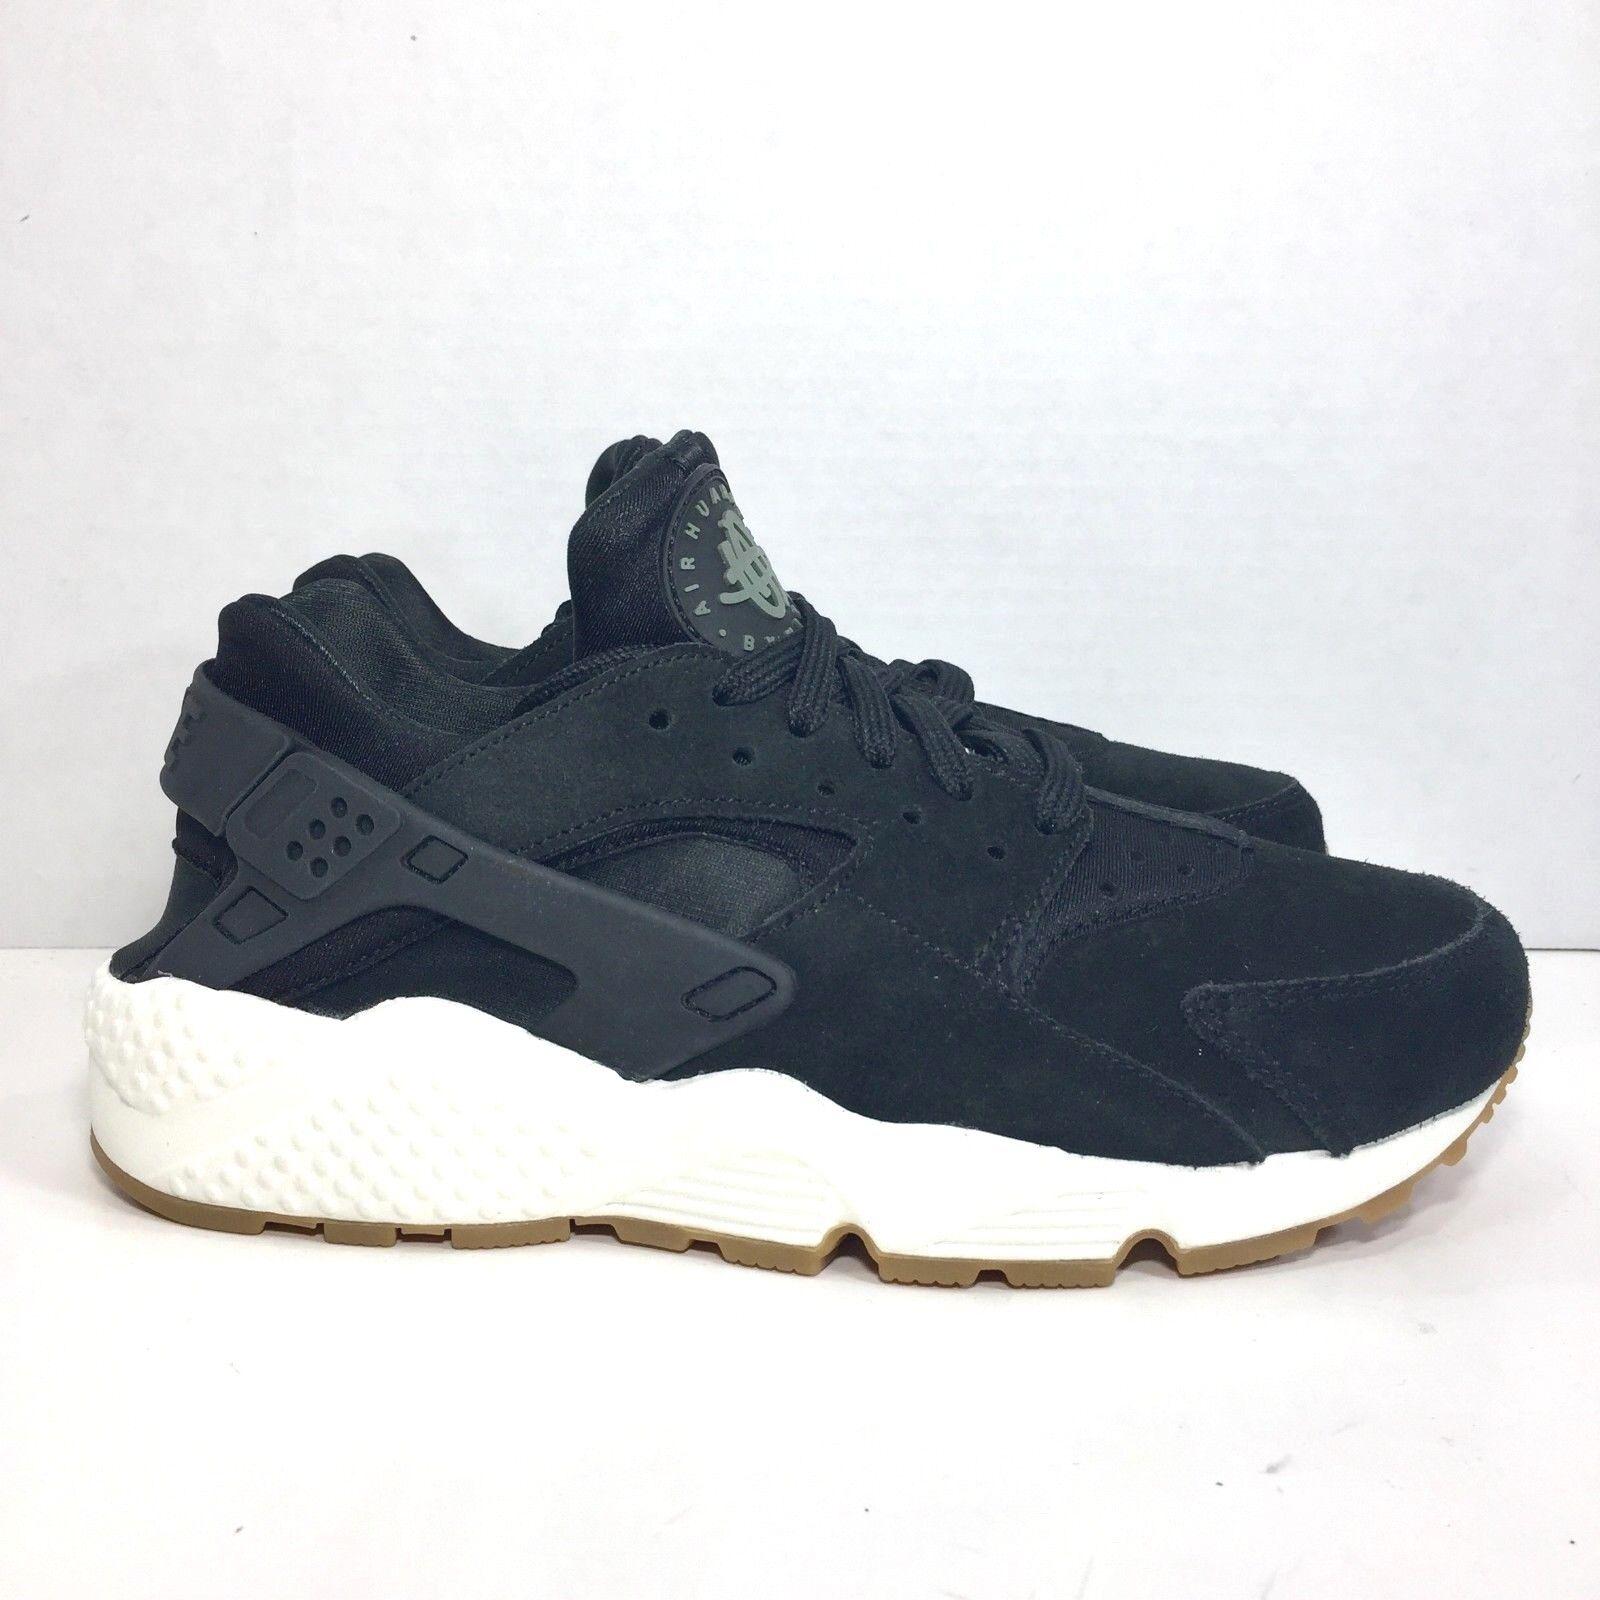 Nike huarache aria scappa sd chewingum nero fondo donne scarpa donne fondo noi dimensioni 7 aa0524-001 nuova c0ff92